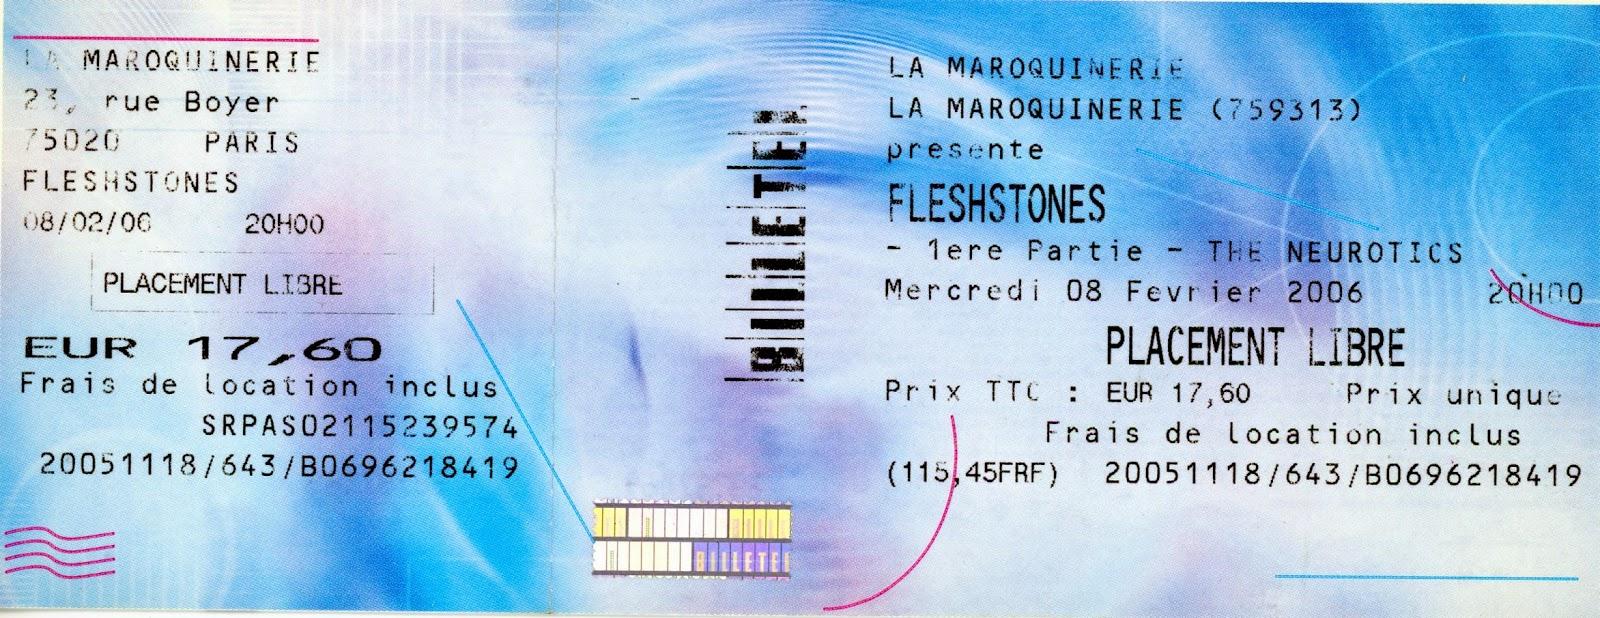 """8 février 2006 Fleshtones, the Neurotics à Paris """"la Maroquinerie"""""""